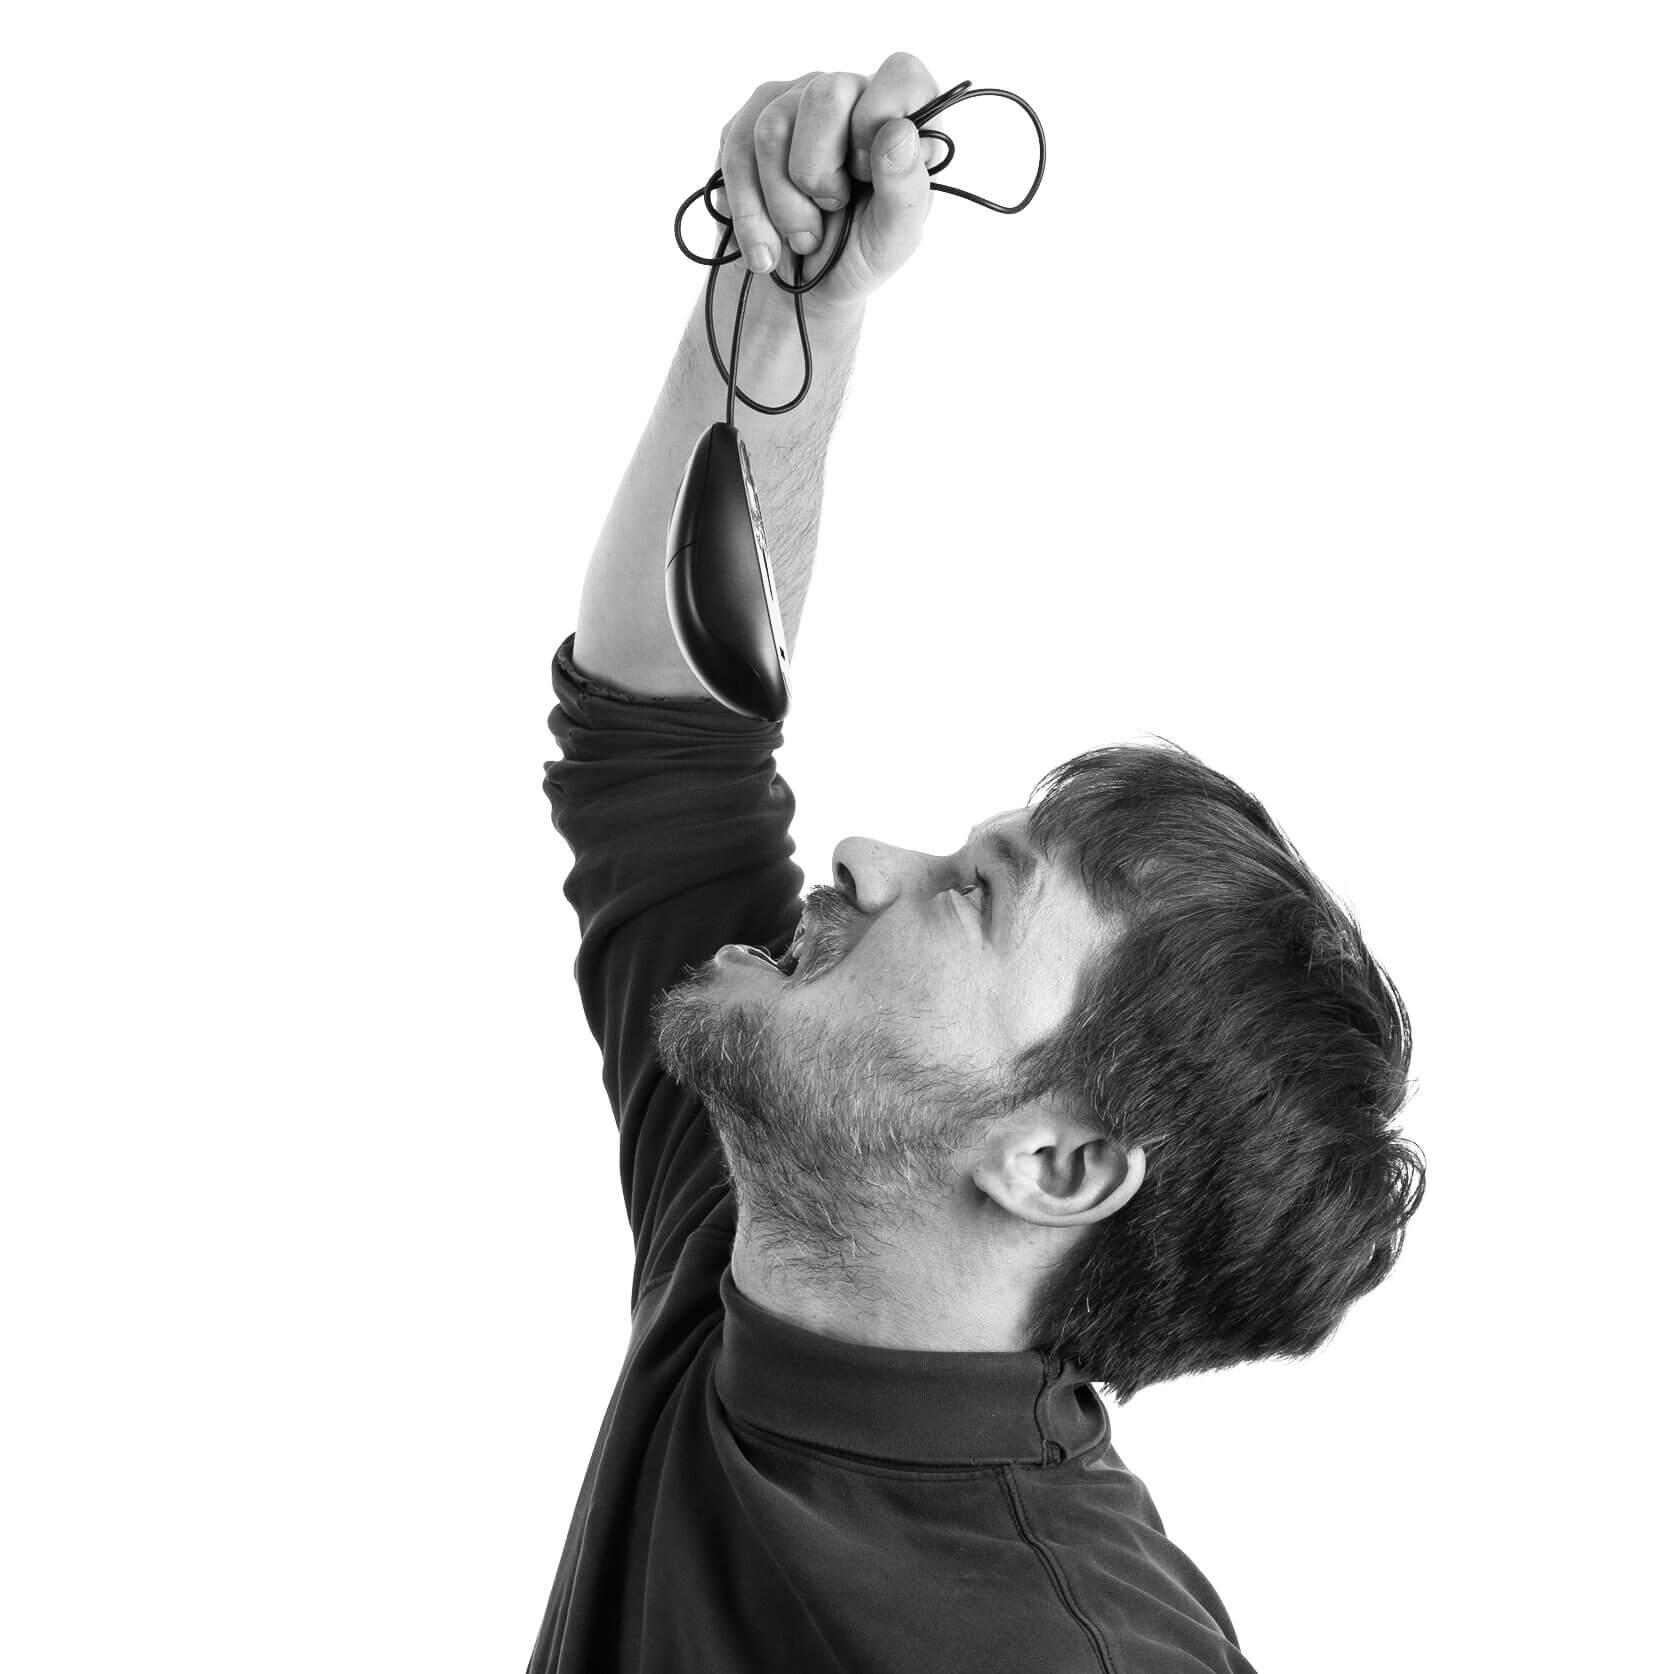 Les réalisations Lehmann Studio, photographe à Angers - reportage métier, portrait SII